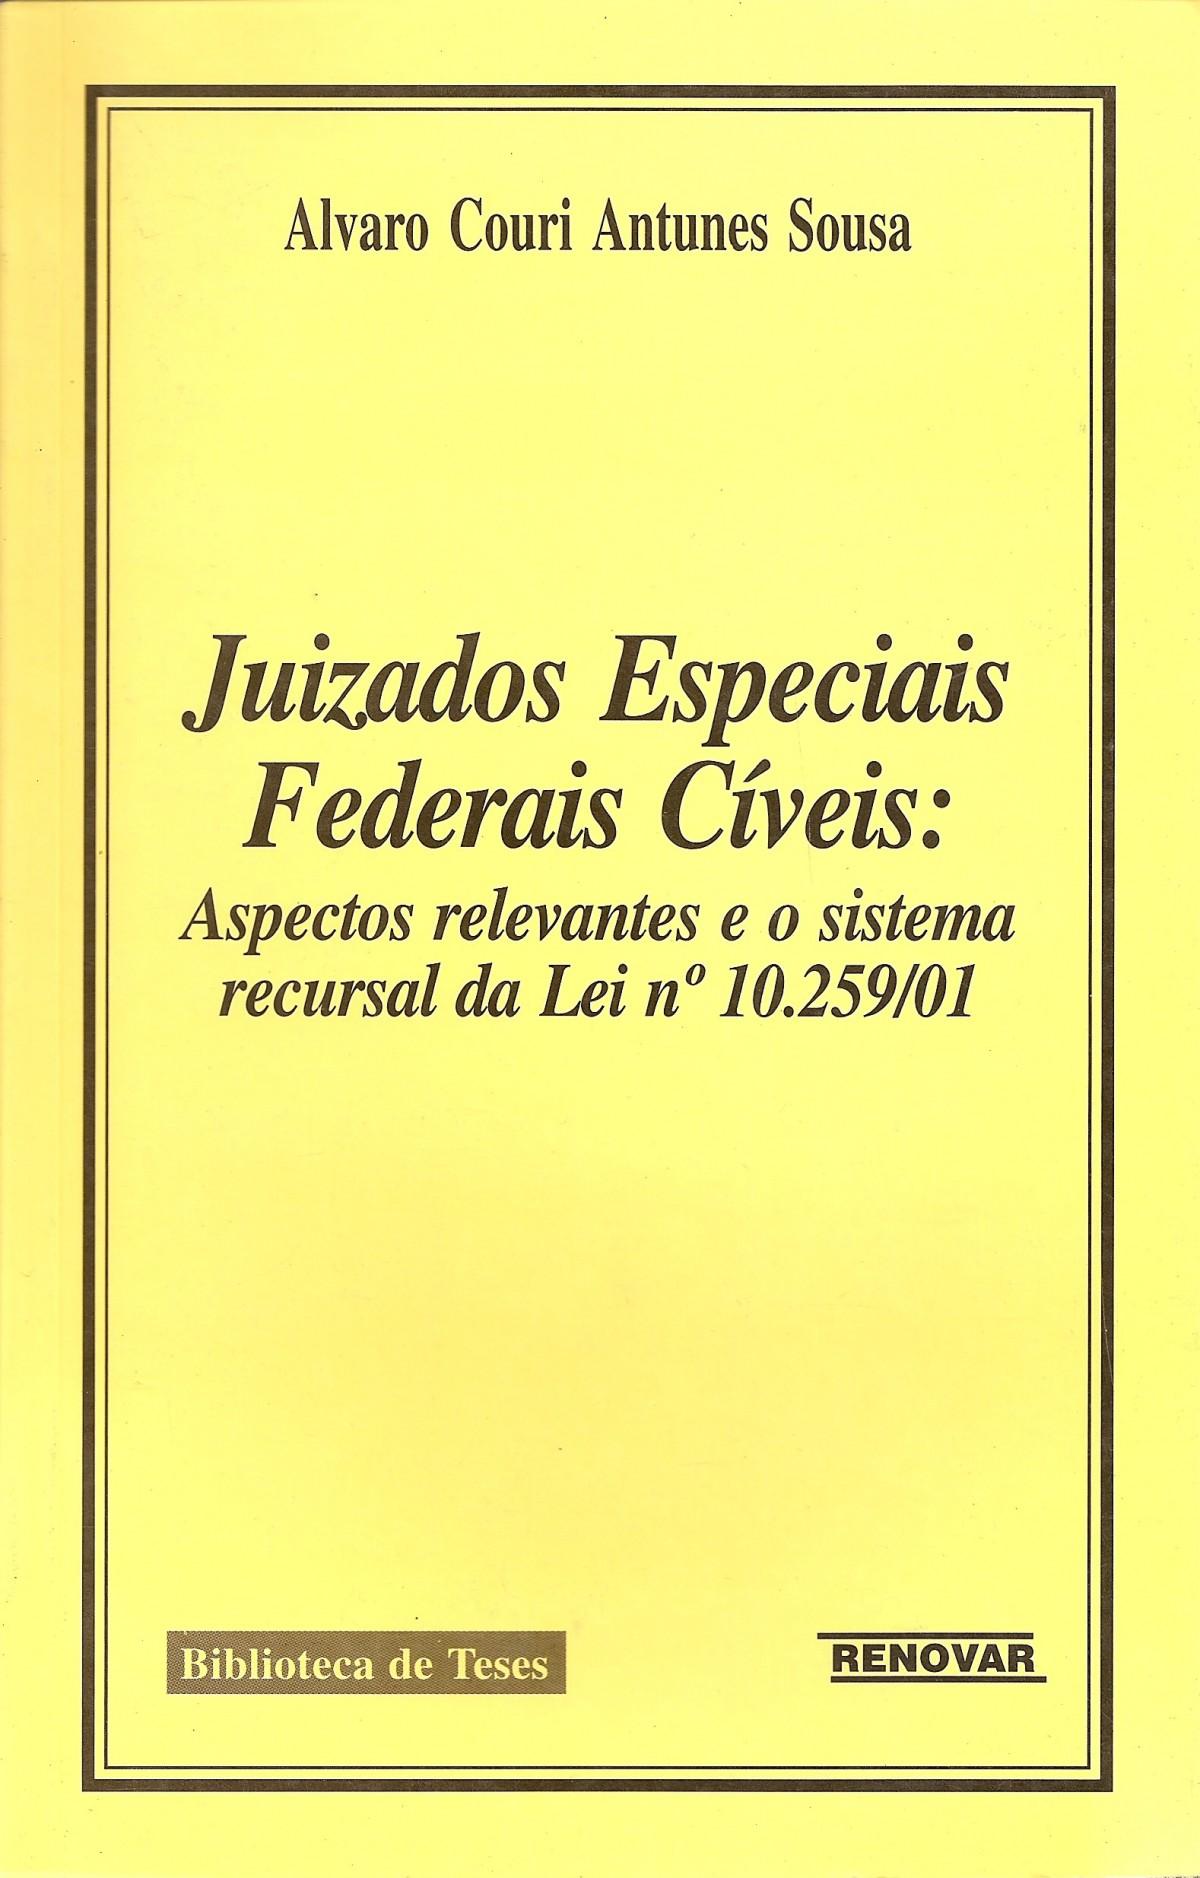 Foto 1 - Juizados Especiais Federais Cíveis: Aspectos Relevantes e o Sistema Recursal da Lei N° 10.259/01